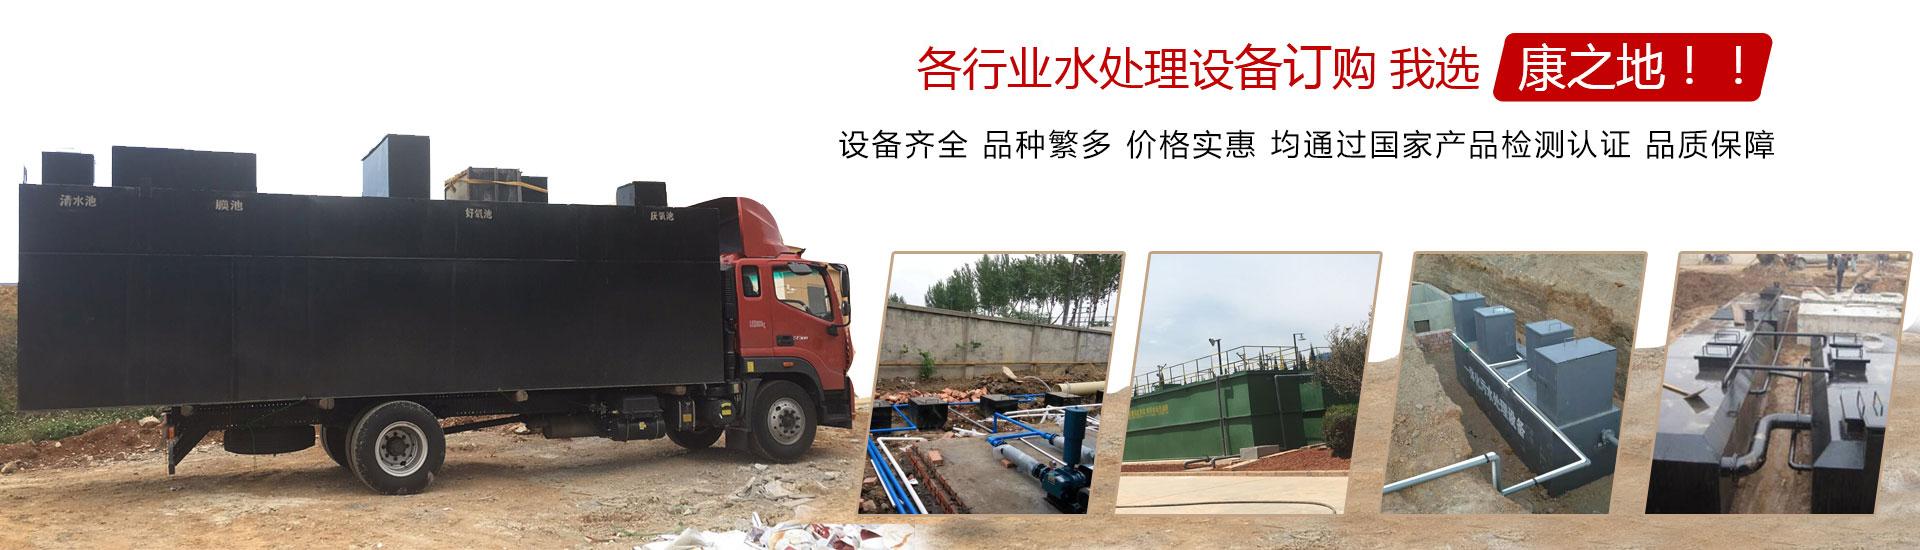 一体化污水处理设备厂家